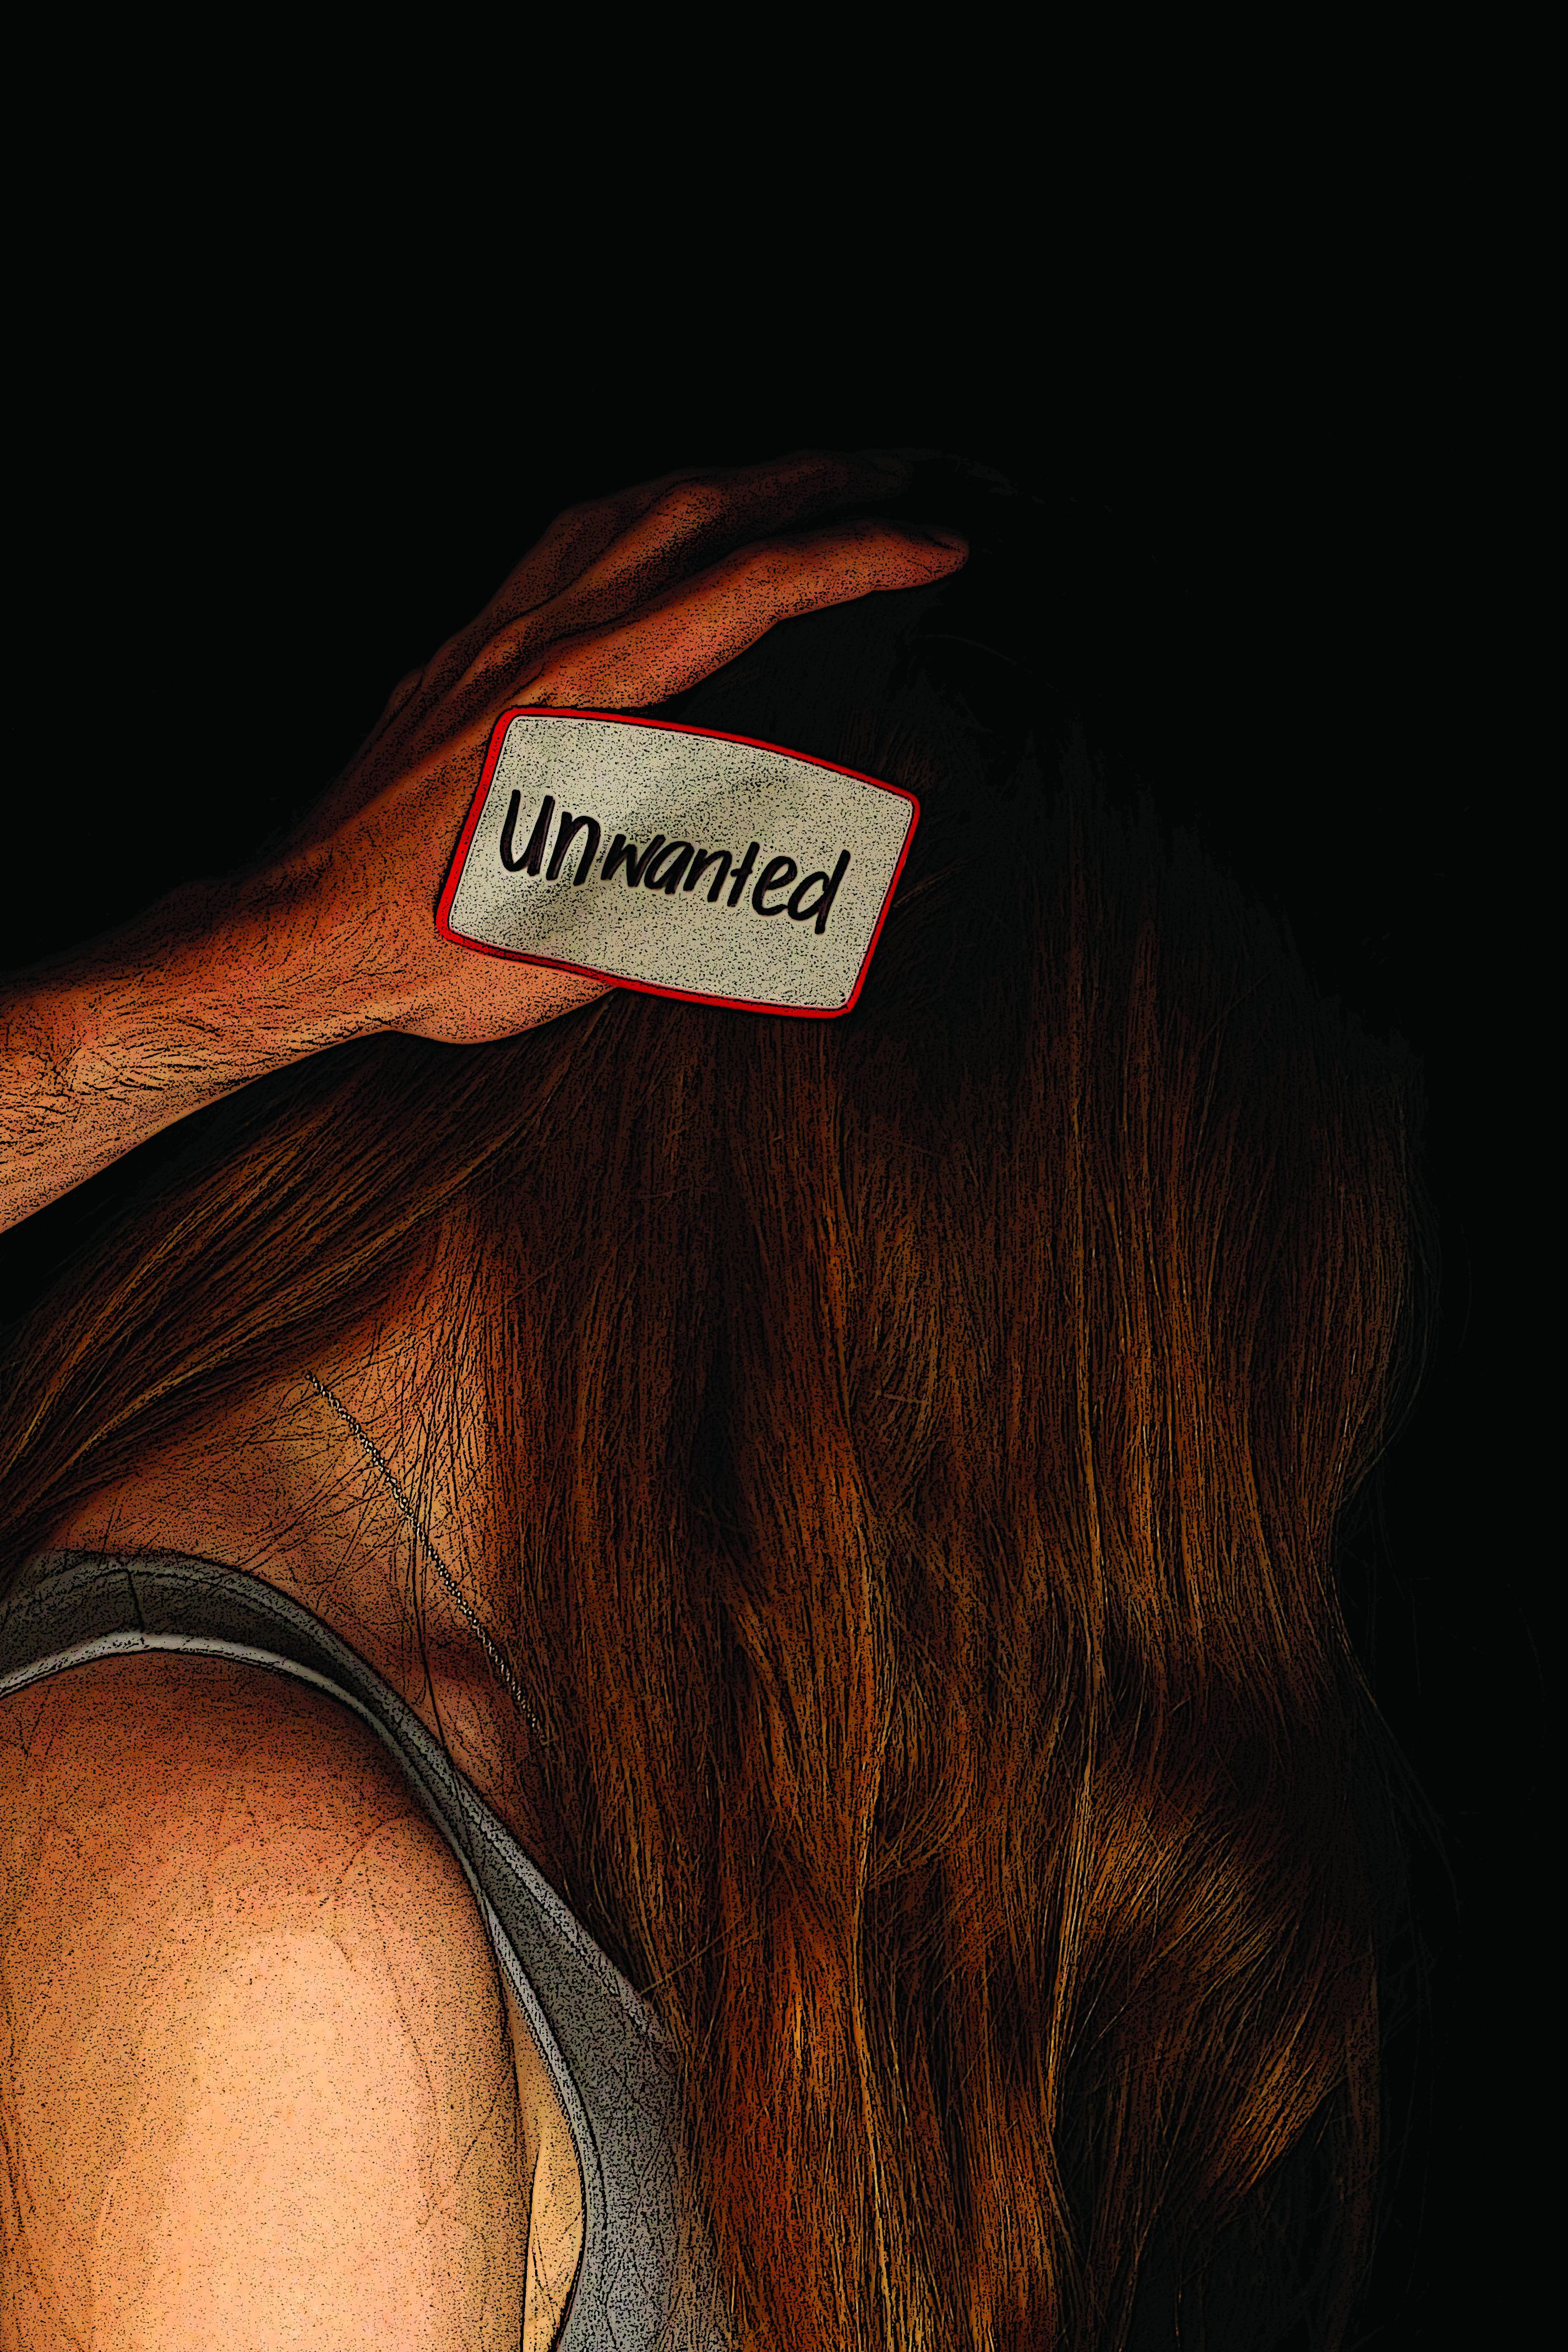 unwanted